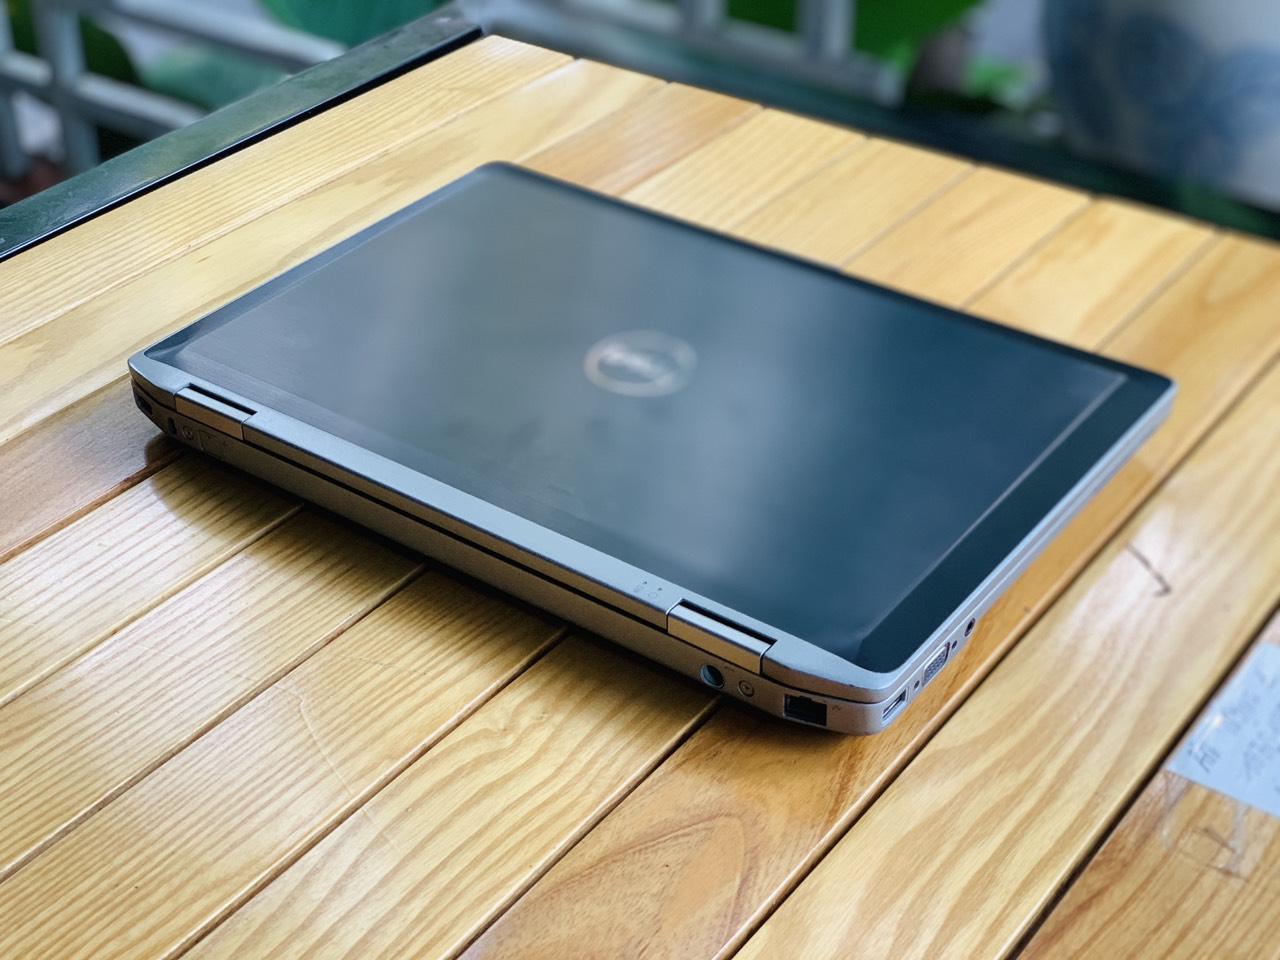 Dell Latitude E6420 I5 Cũ